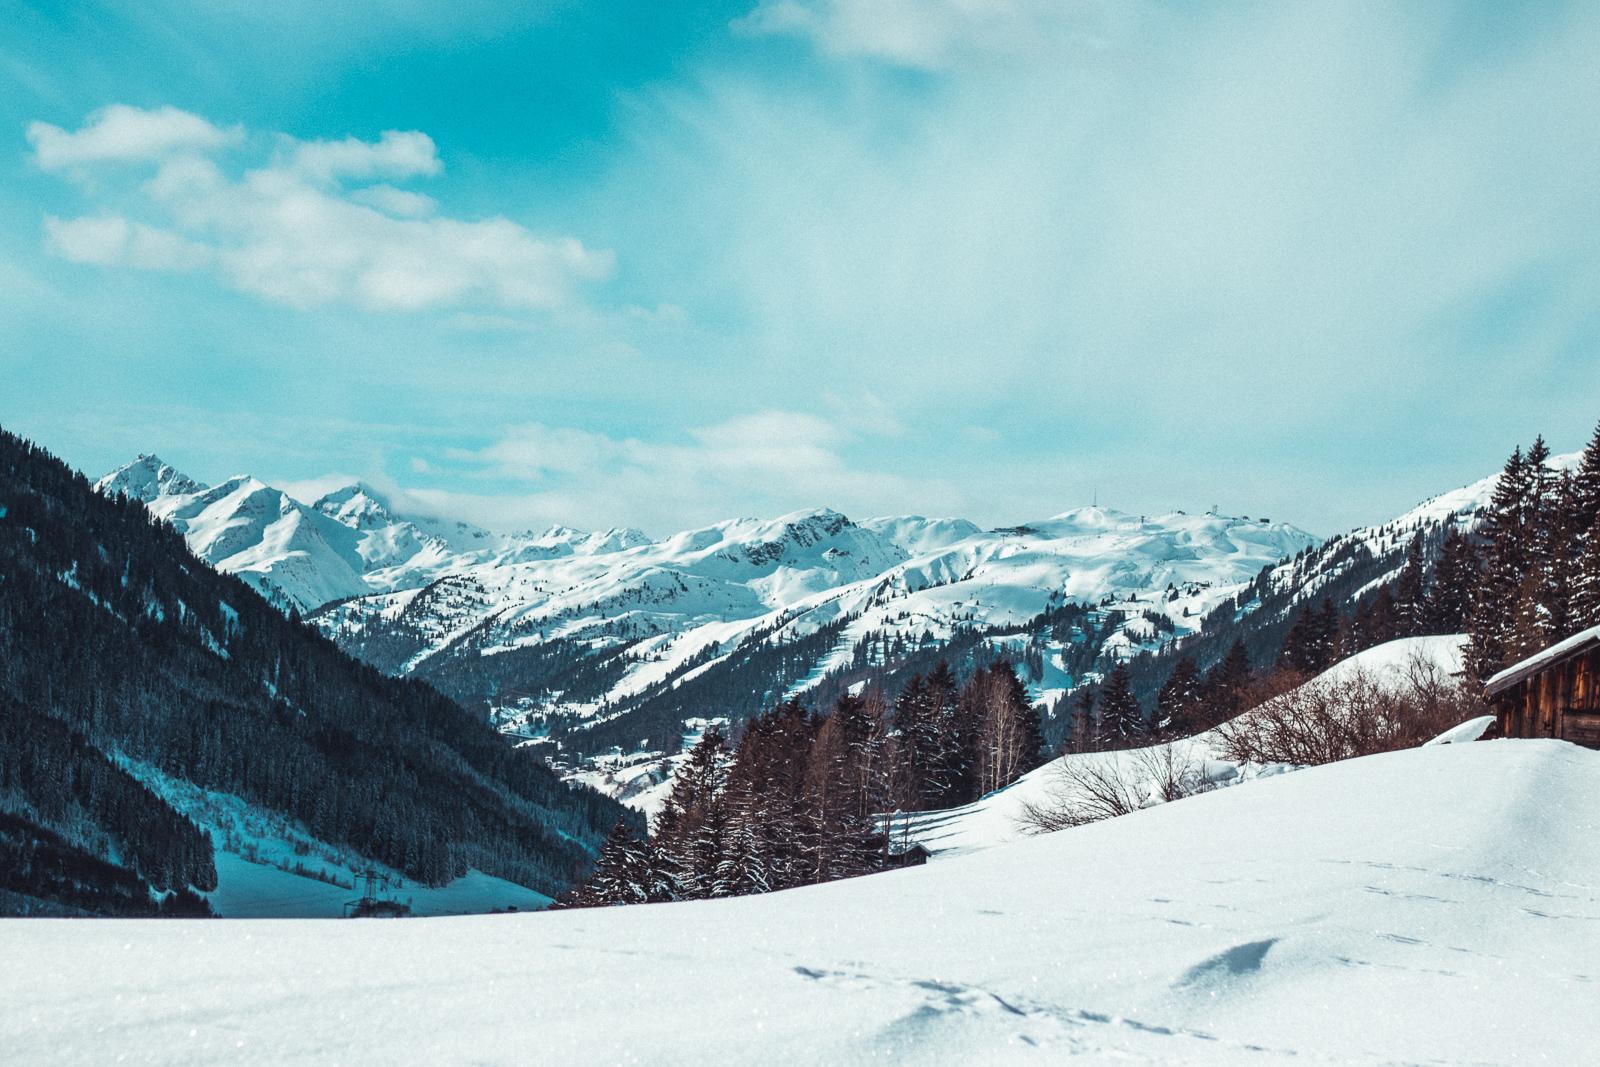 Top activities in ski resort for non-skiers